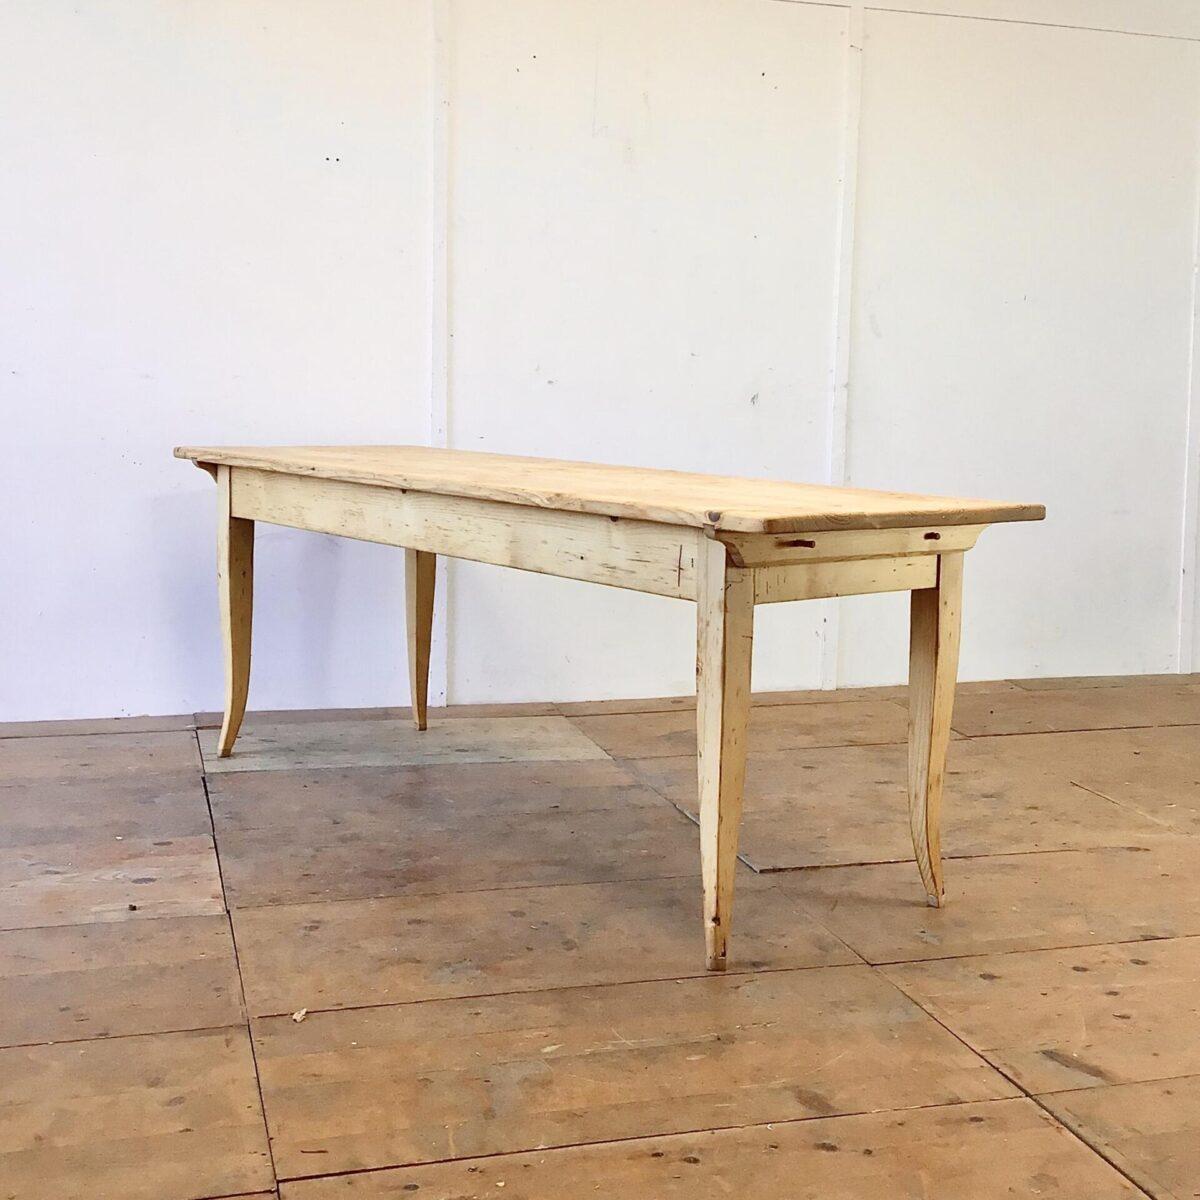 Biedermeiertisch aus Tannenholz 210x70cm Höhe 75.5cm. Die leicht geschwungenen Tischbeine wurden mal bisschen angesetzt, die Beinfreiheit ist dafür gewährleistet. Der Esstisch ist überarbeitet und in stabilem Zustand. Holzoberflächen mit Naturöl behandelt. Das Tischblatt ist mittels Holzzapfen mit dem Unterbau verbunden.